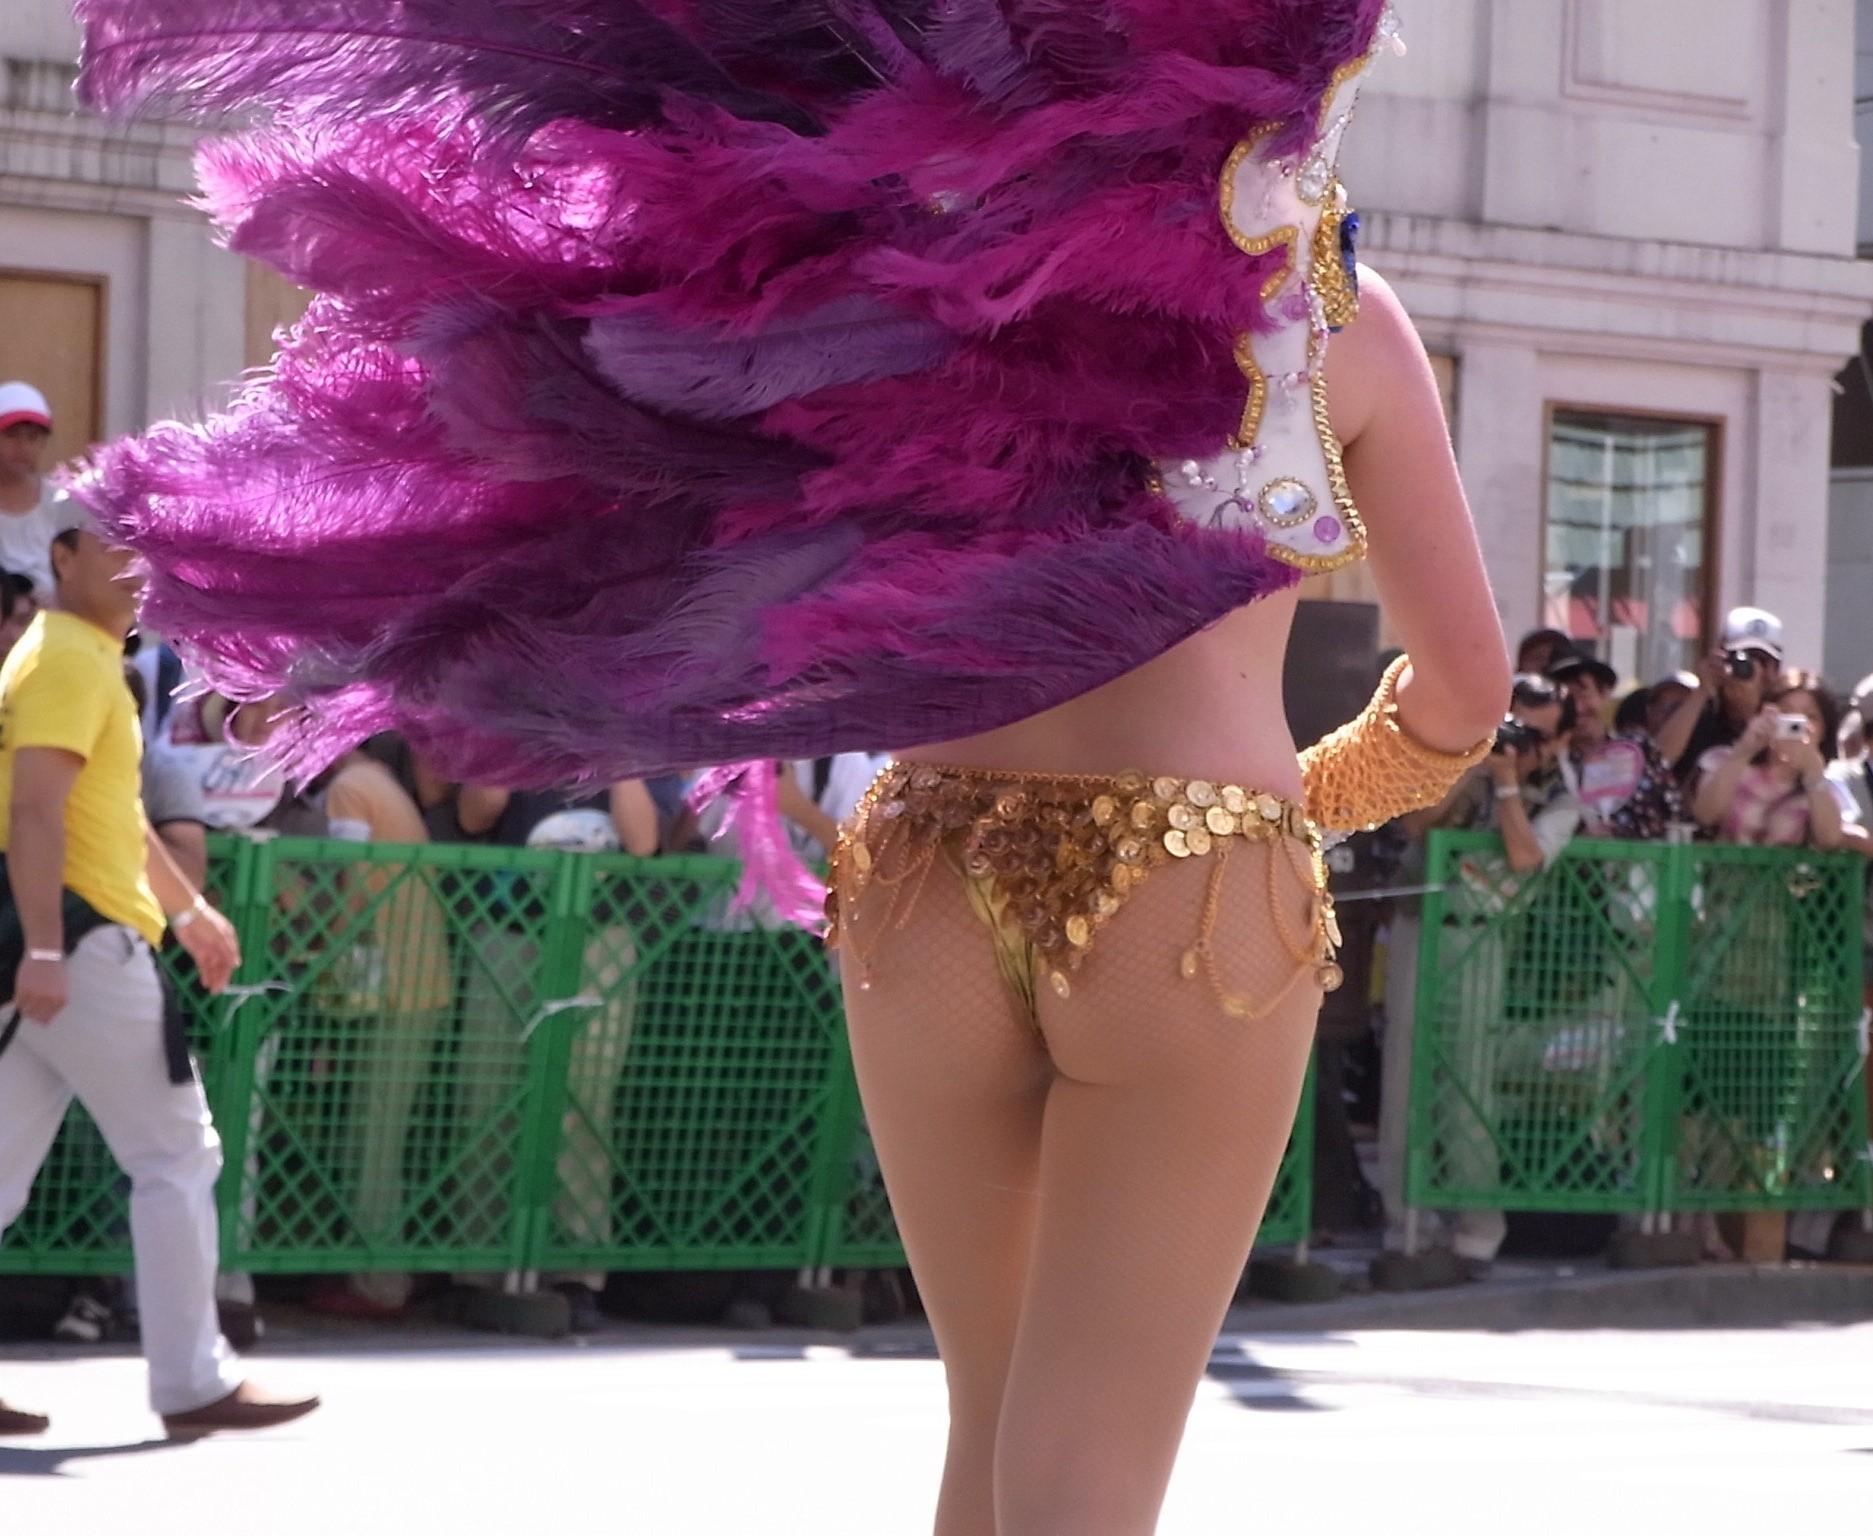 【サンバエロ画像】これでも抑え気味w乳と尻限界まで出して踊るサンバ美女www 11